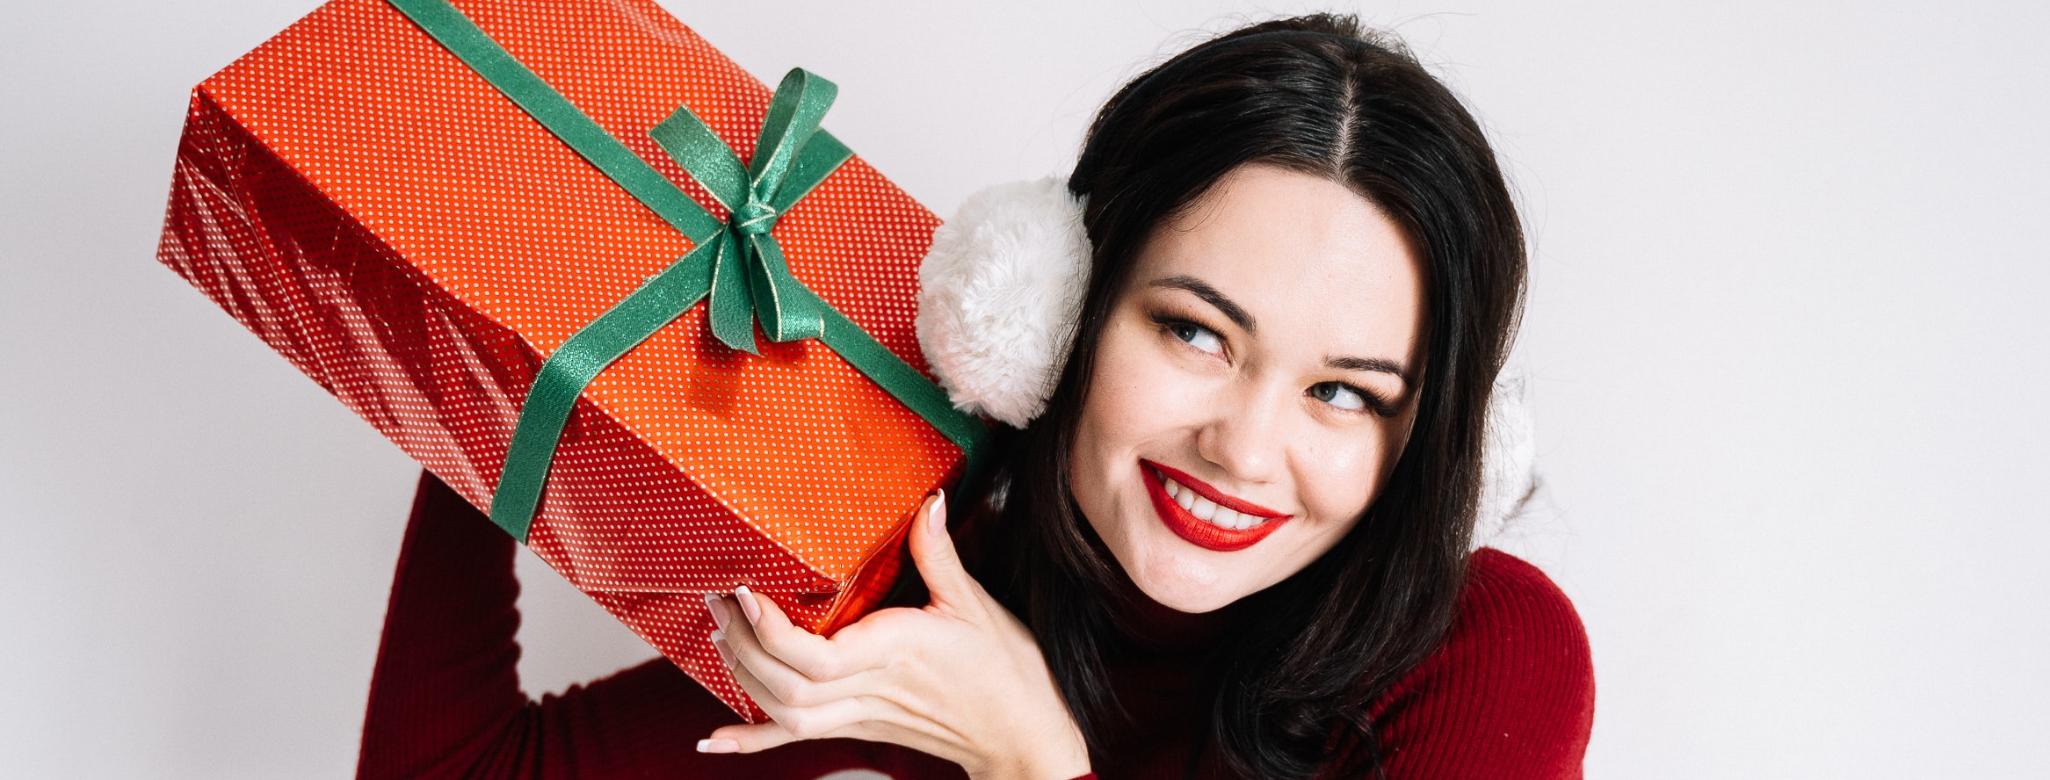 Caccia al regalo per Lei: idee e consigli